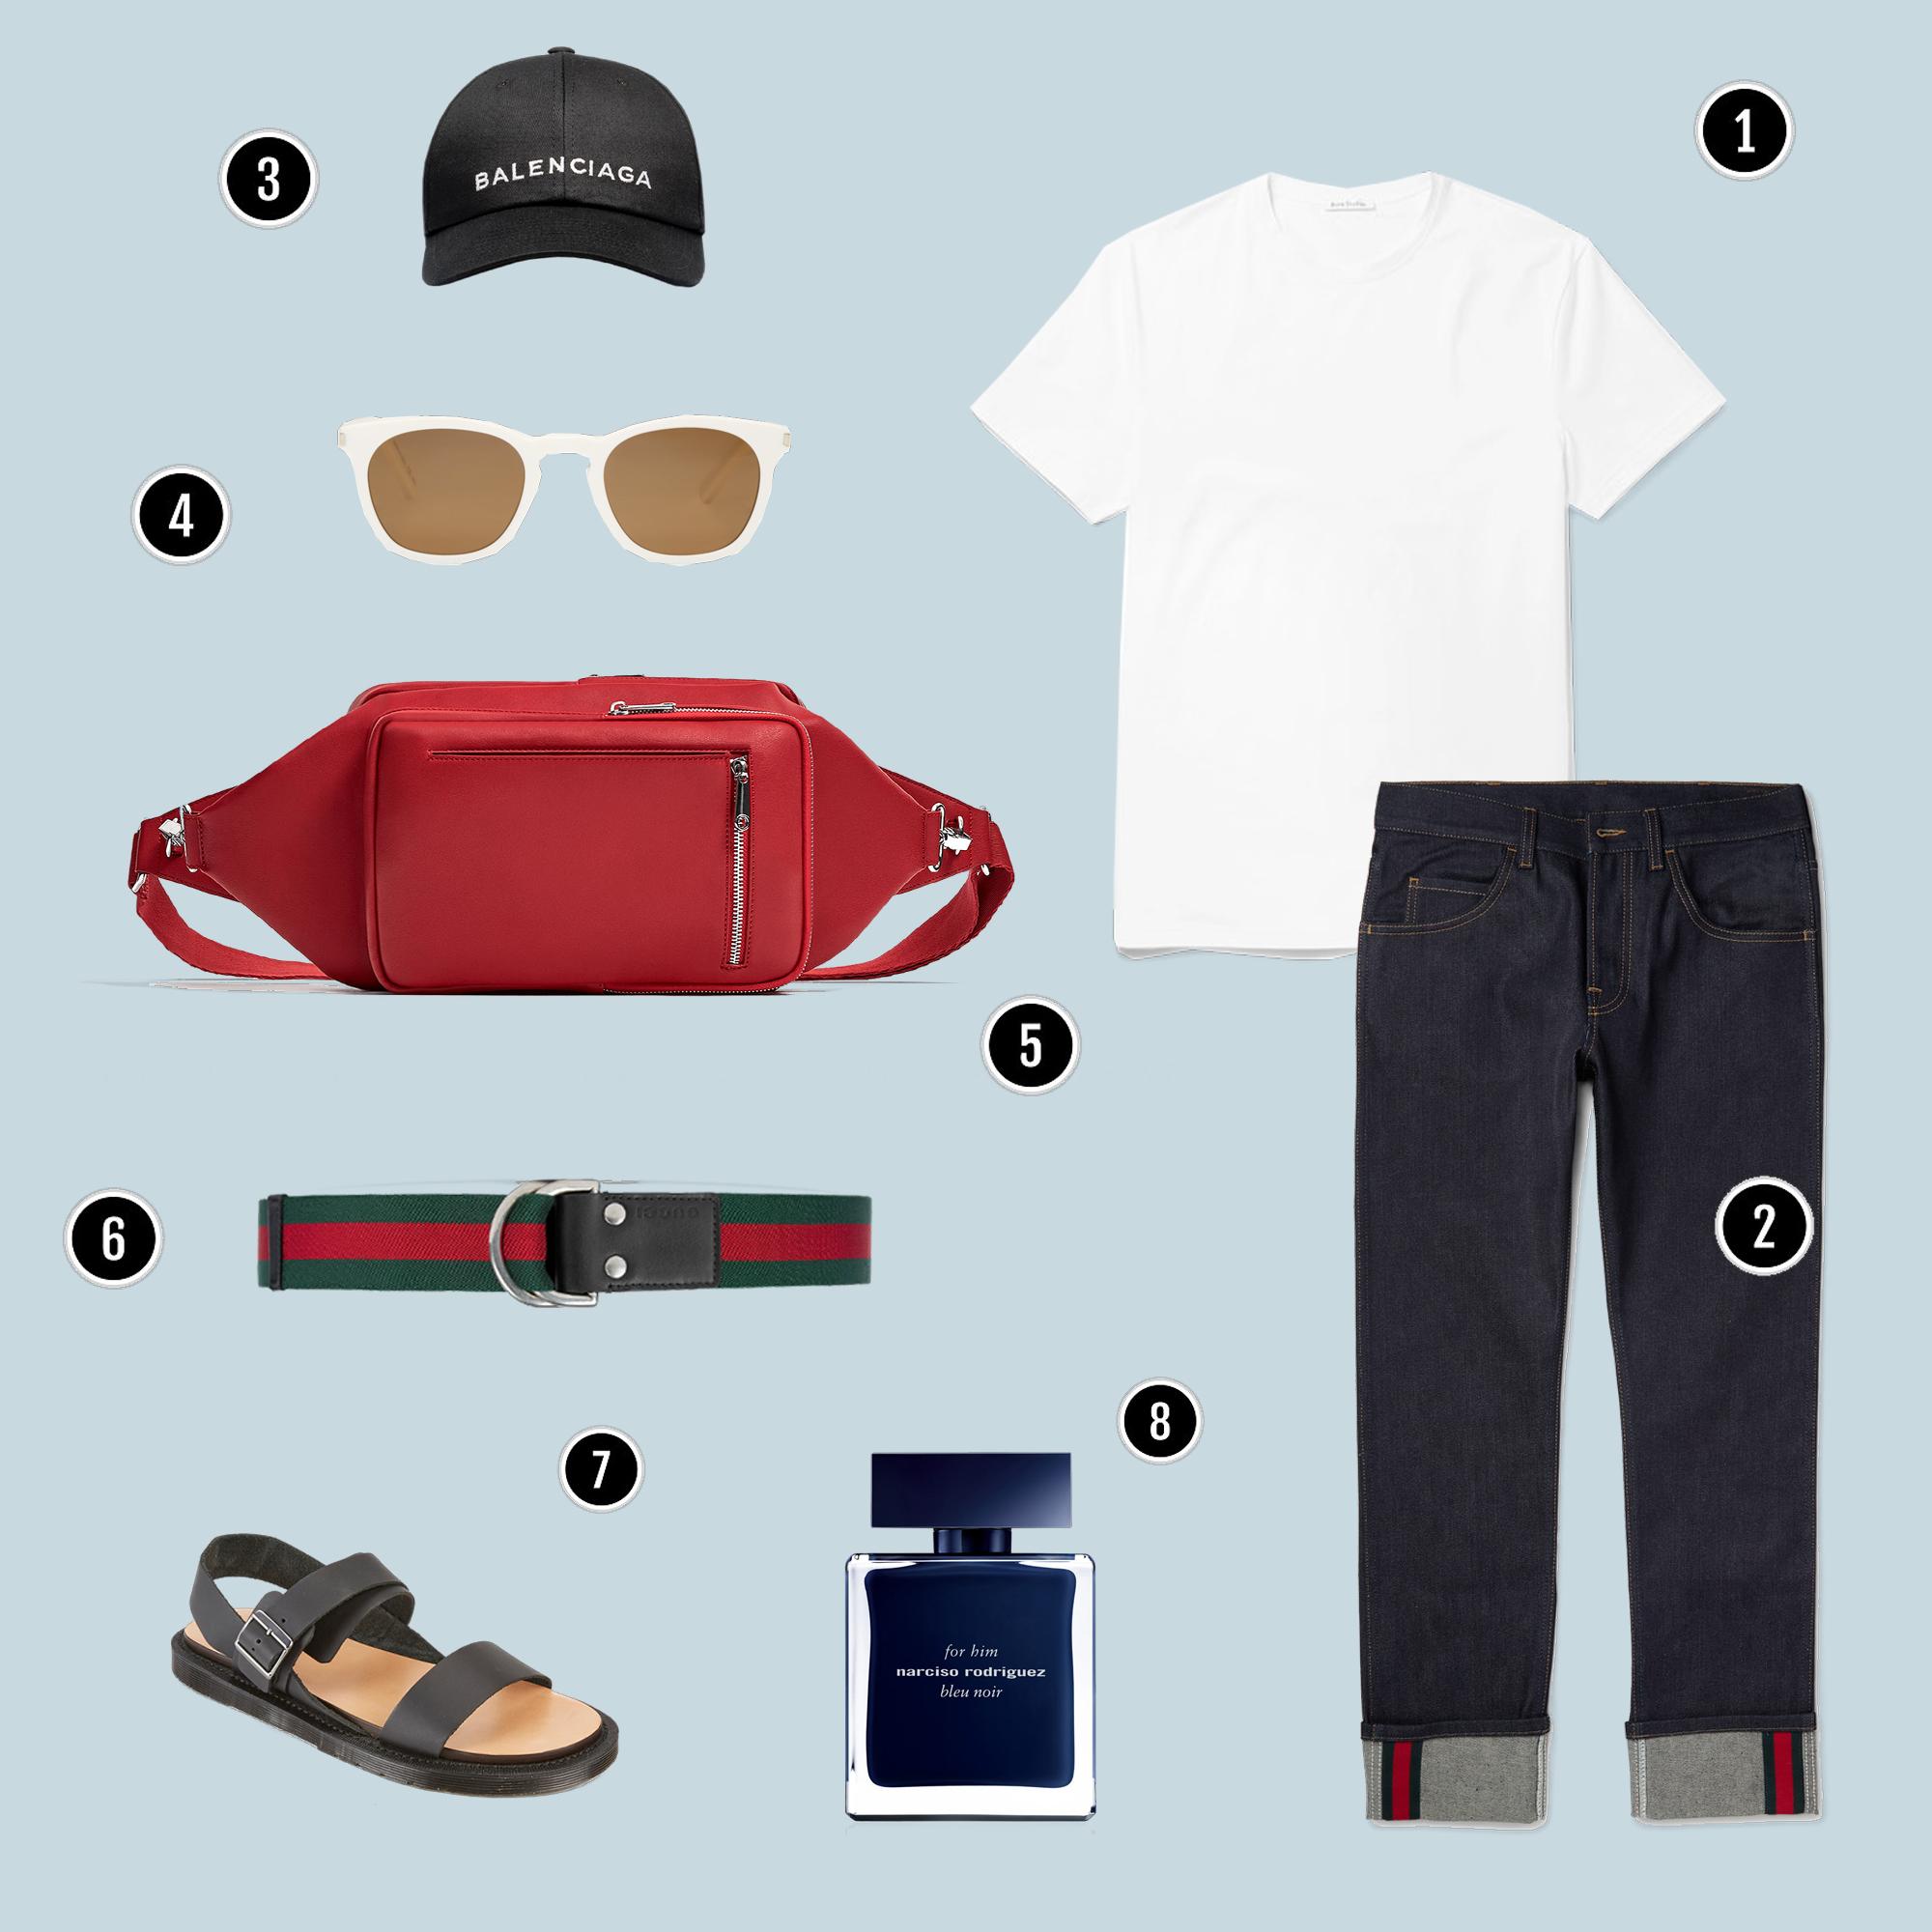 1. Áo: Acne / 2. Quần: Gucci / 3. Mũ: Balenciaga / 4. Kính: YSL / 5. Túi: Zara / 6. Belt: Gucci / 7. Sandals: Dr. Martens / 8. Nước hoa: Narcisso